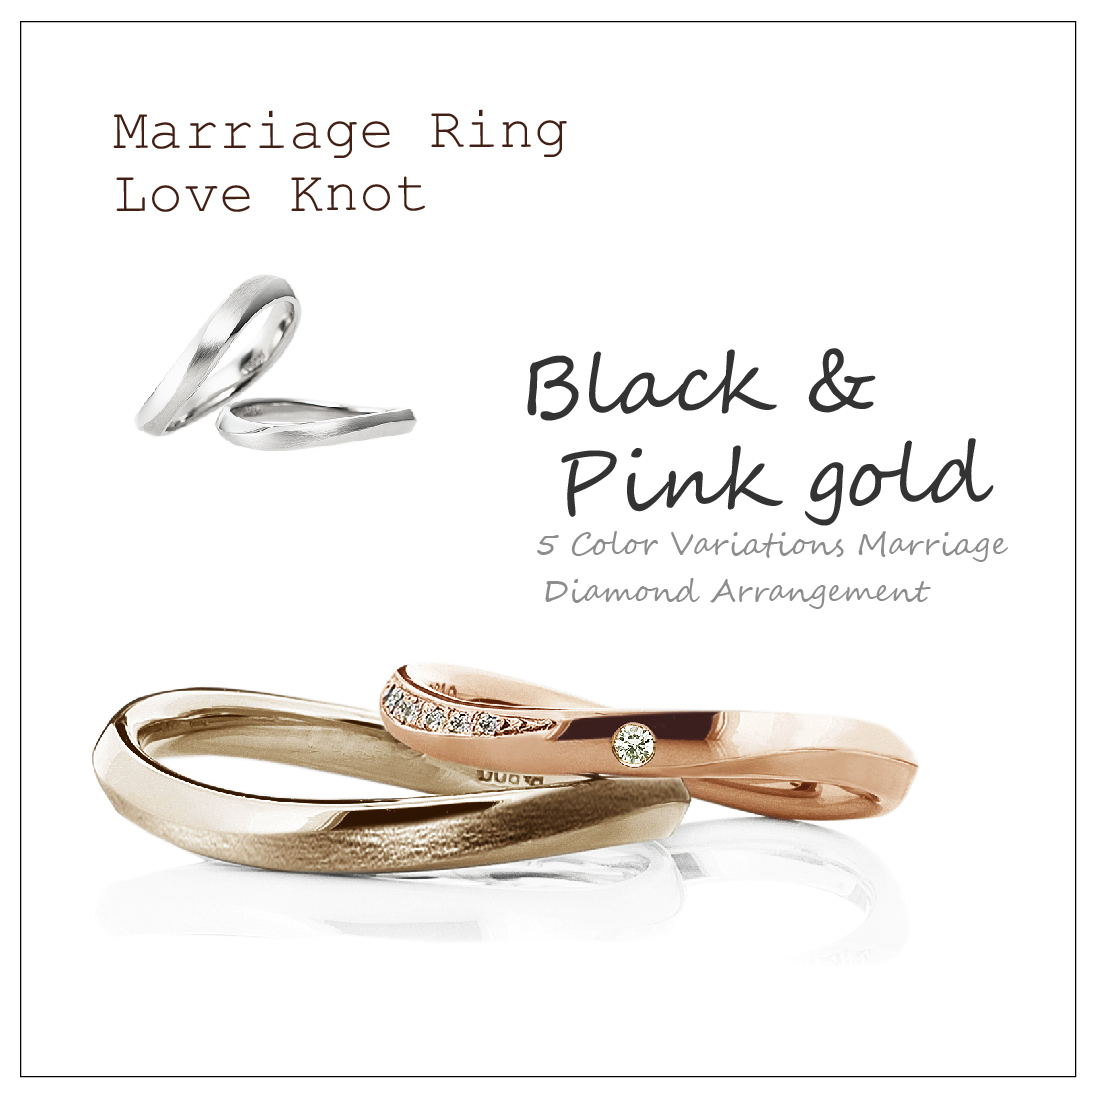 ウエーブのペアの結婚指輪です。メンズはブラックゴールドで真ん中をつや消しのアレンジにしています。レディースはピンクゴールドで、真ん中に1ピースとサイド面にメレダイヤを並べています。